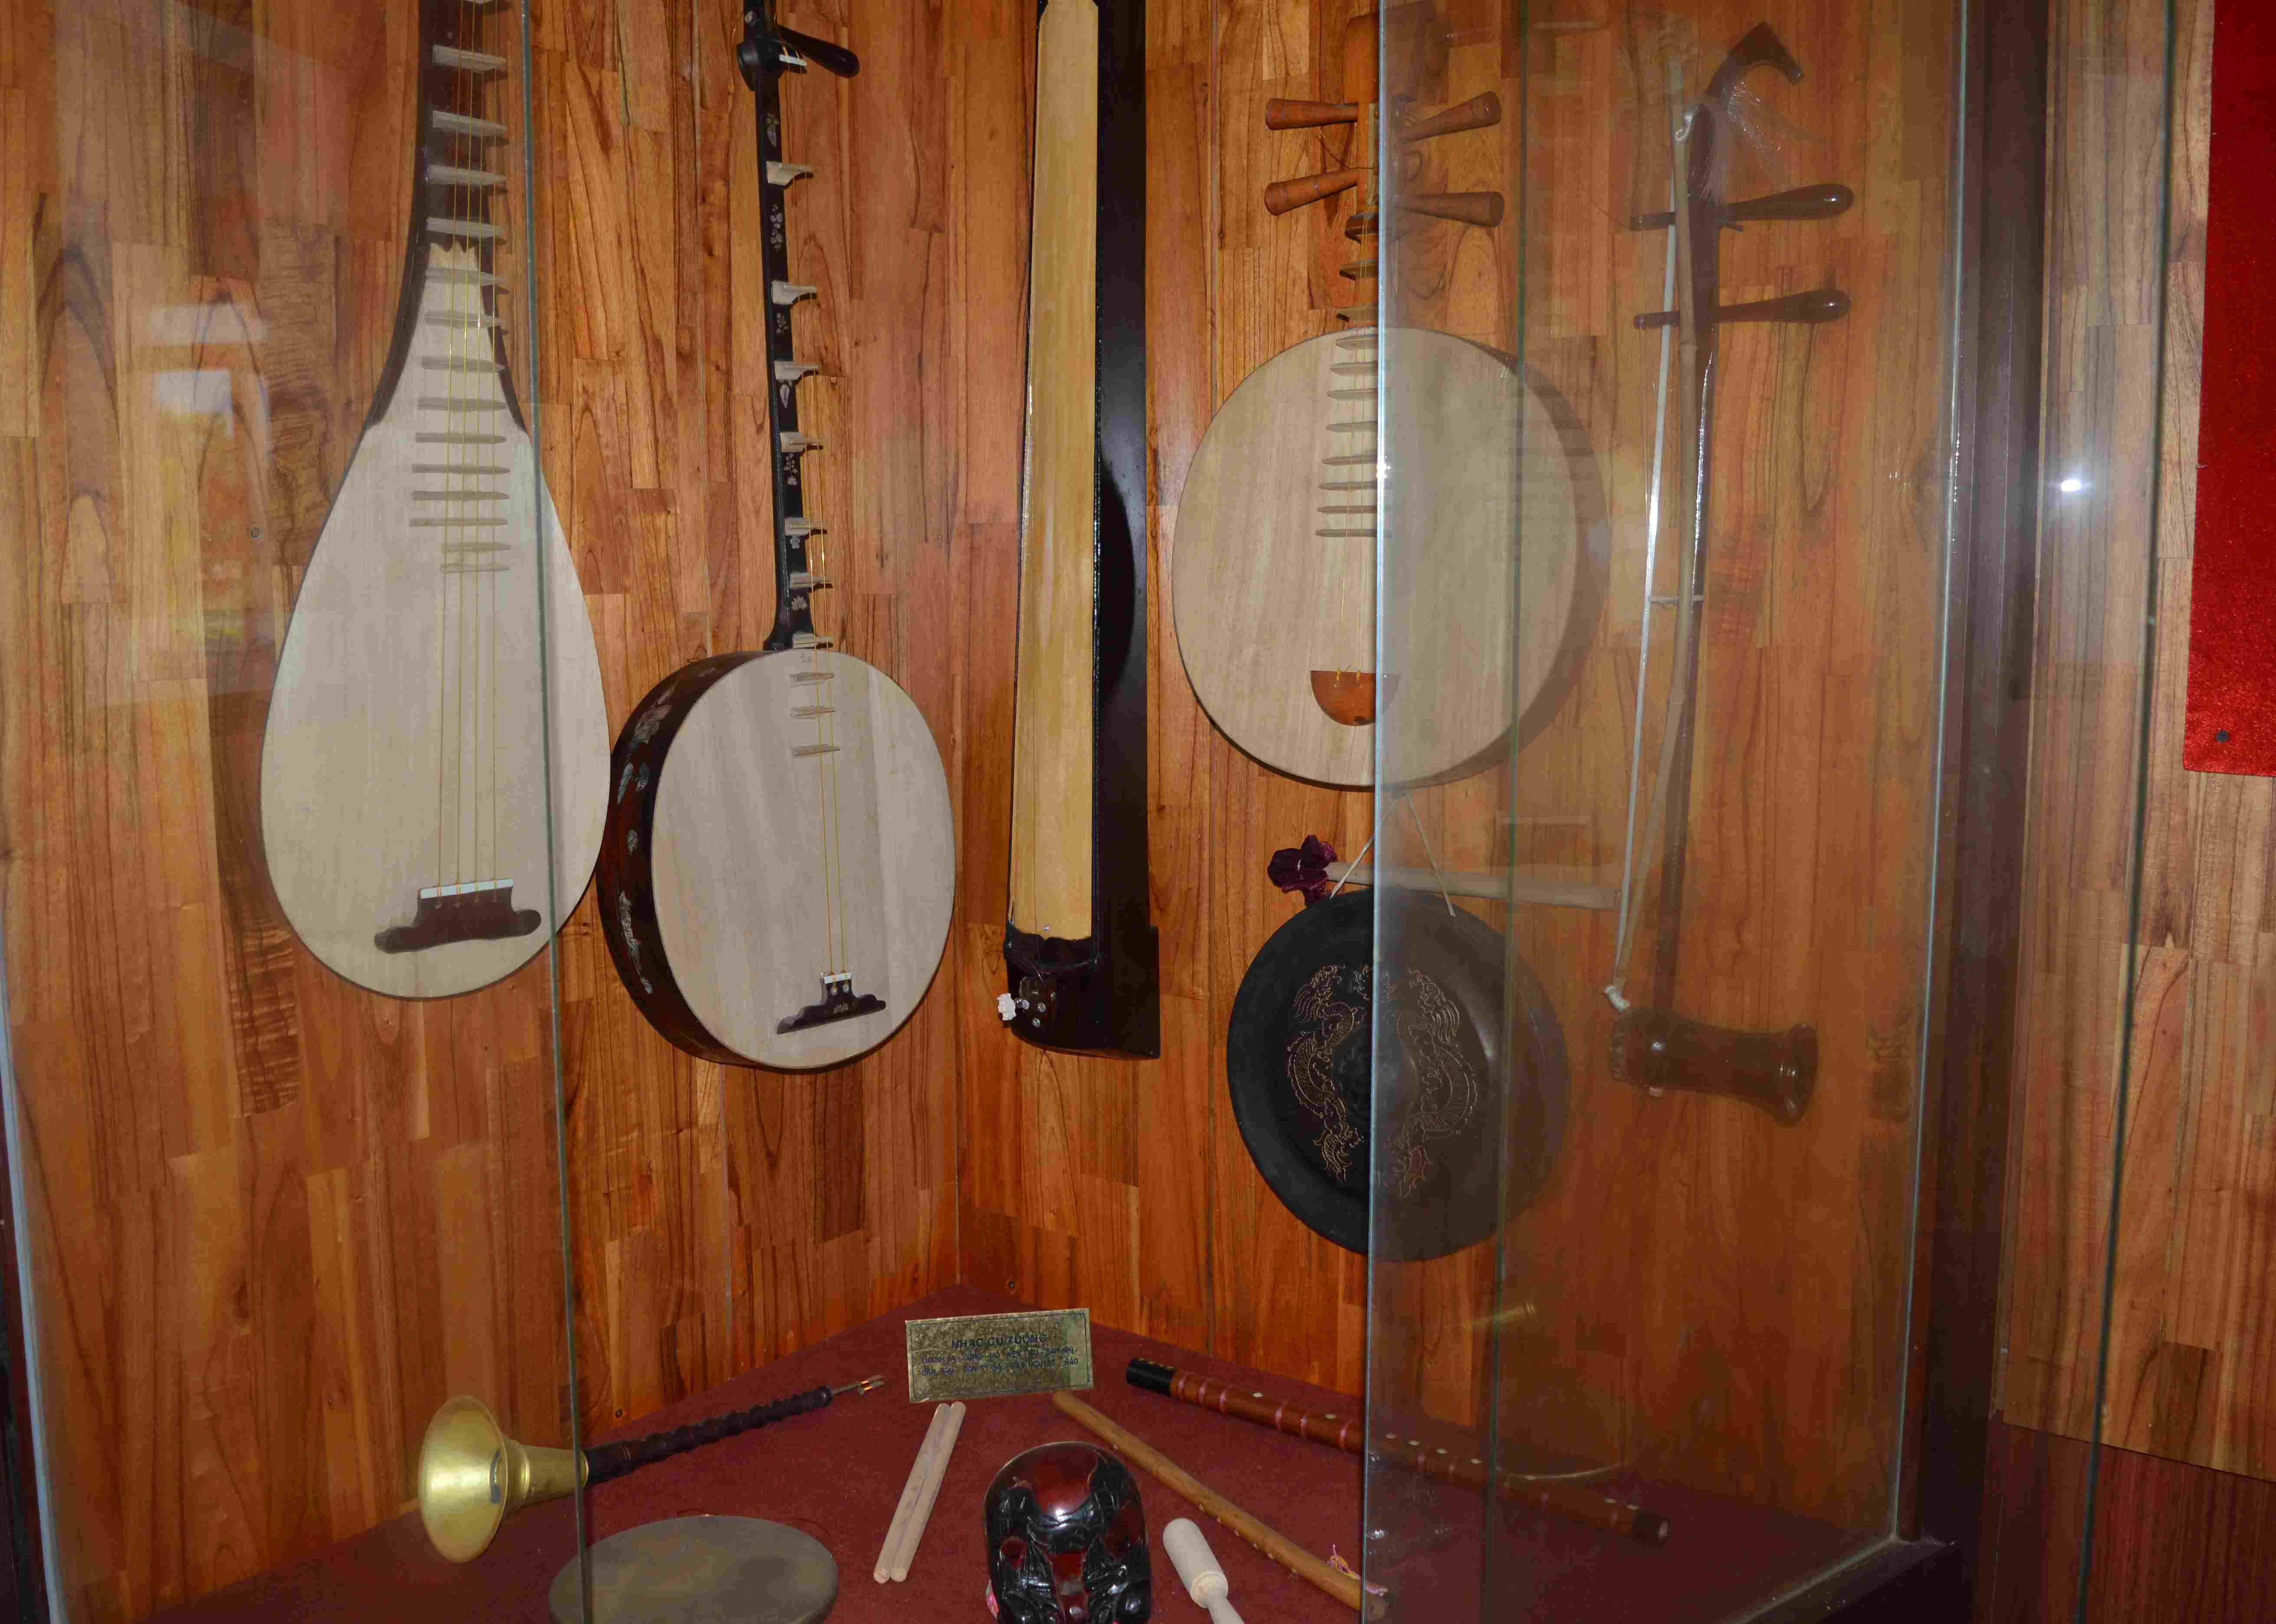 Nhạc cụ tuồng được lưu giữ tại Bảo tàng Điện Bàn. Ảnh: H.S